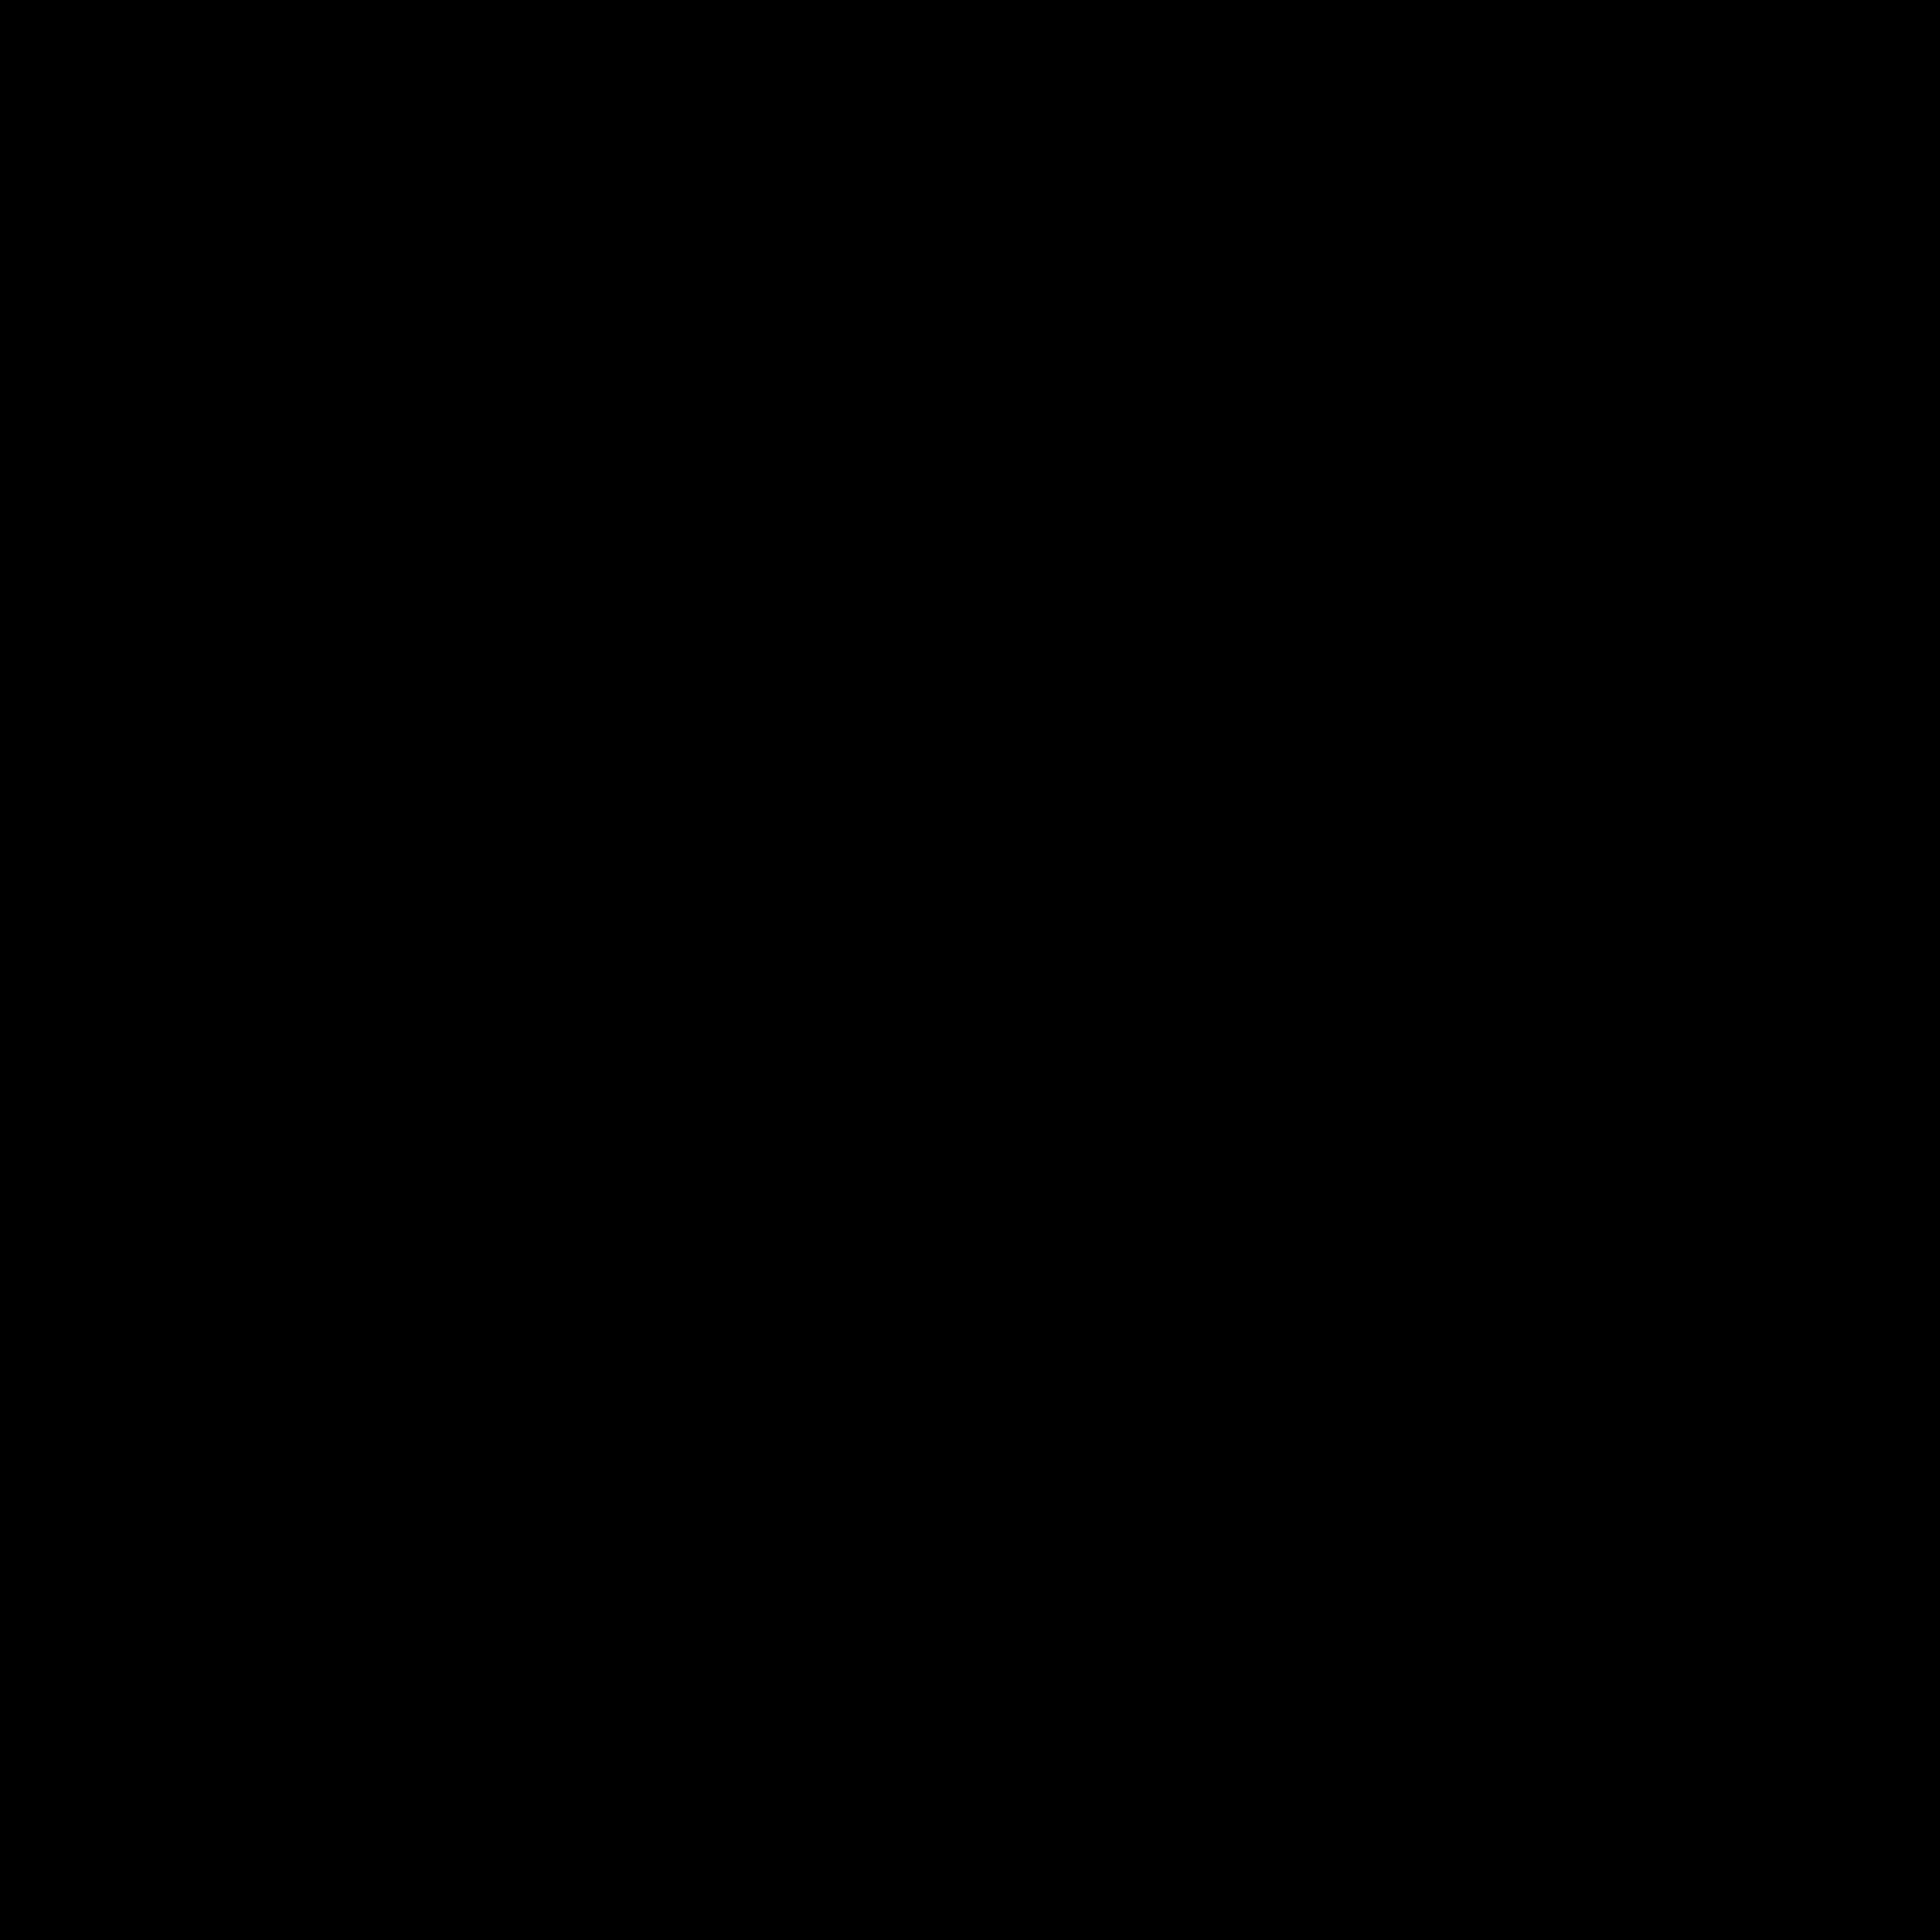 Client - Tchibo - logo black